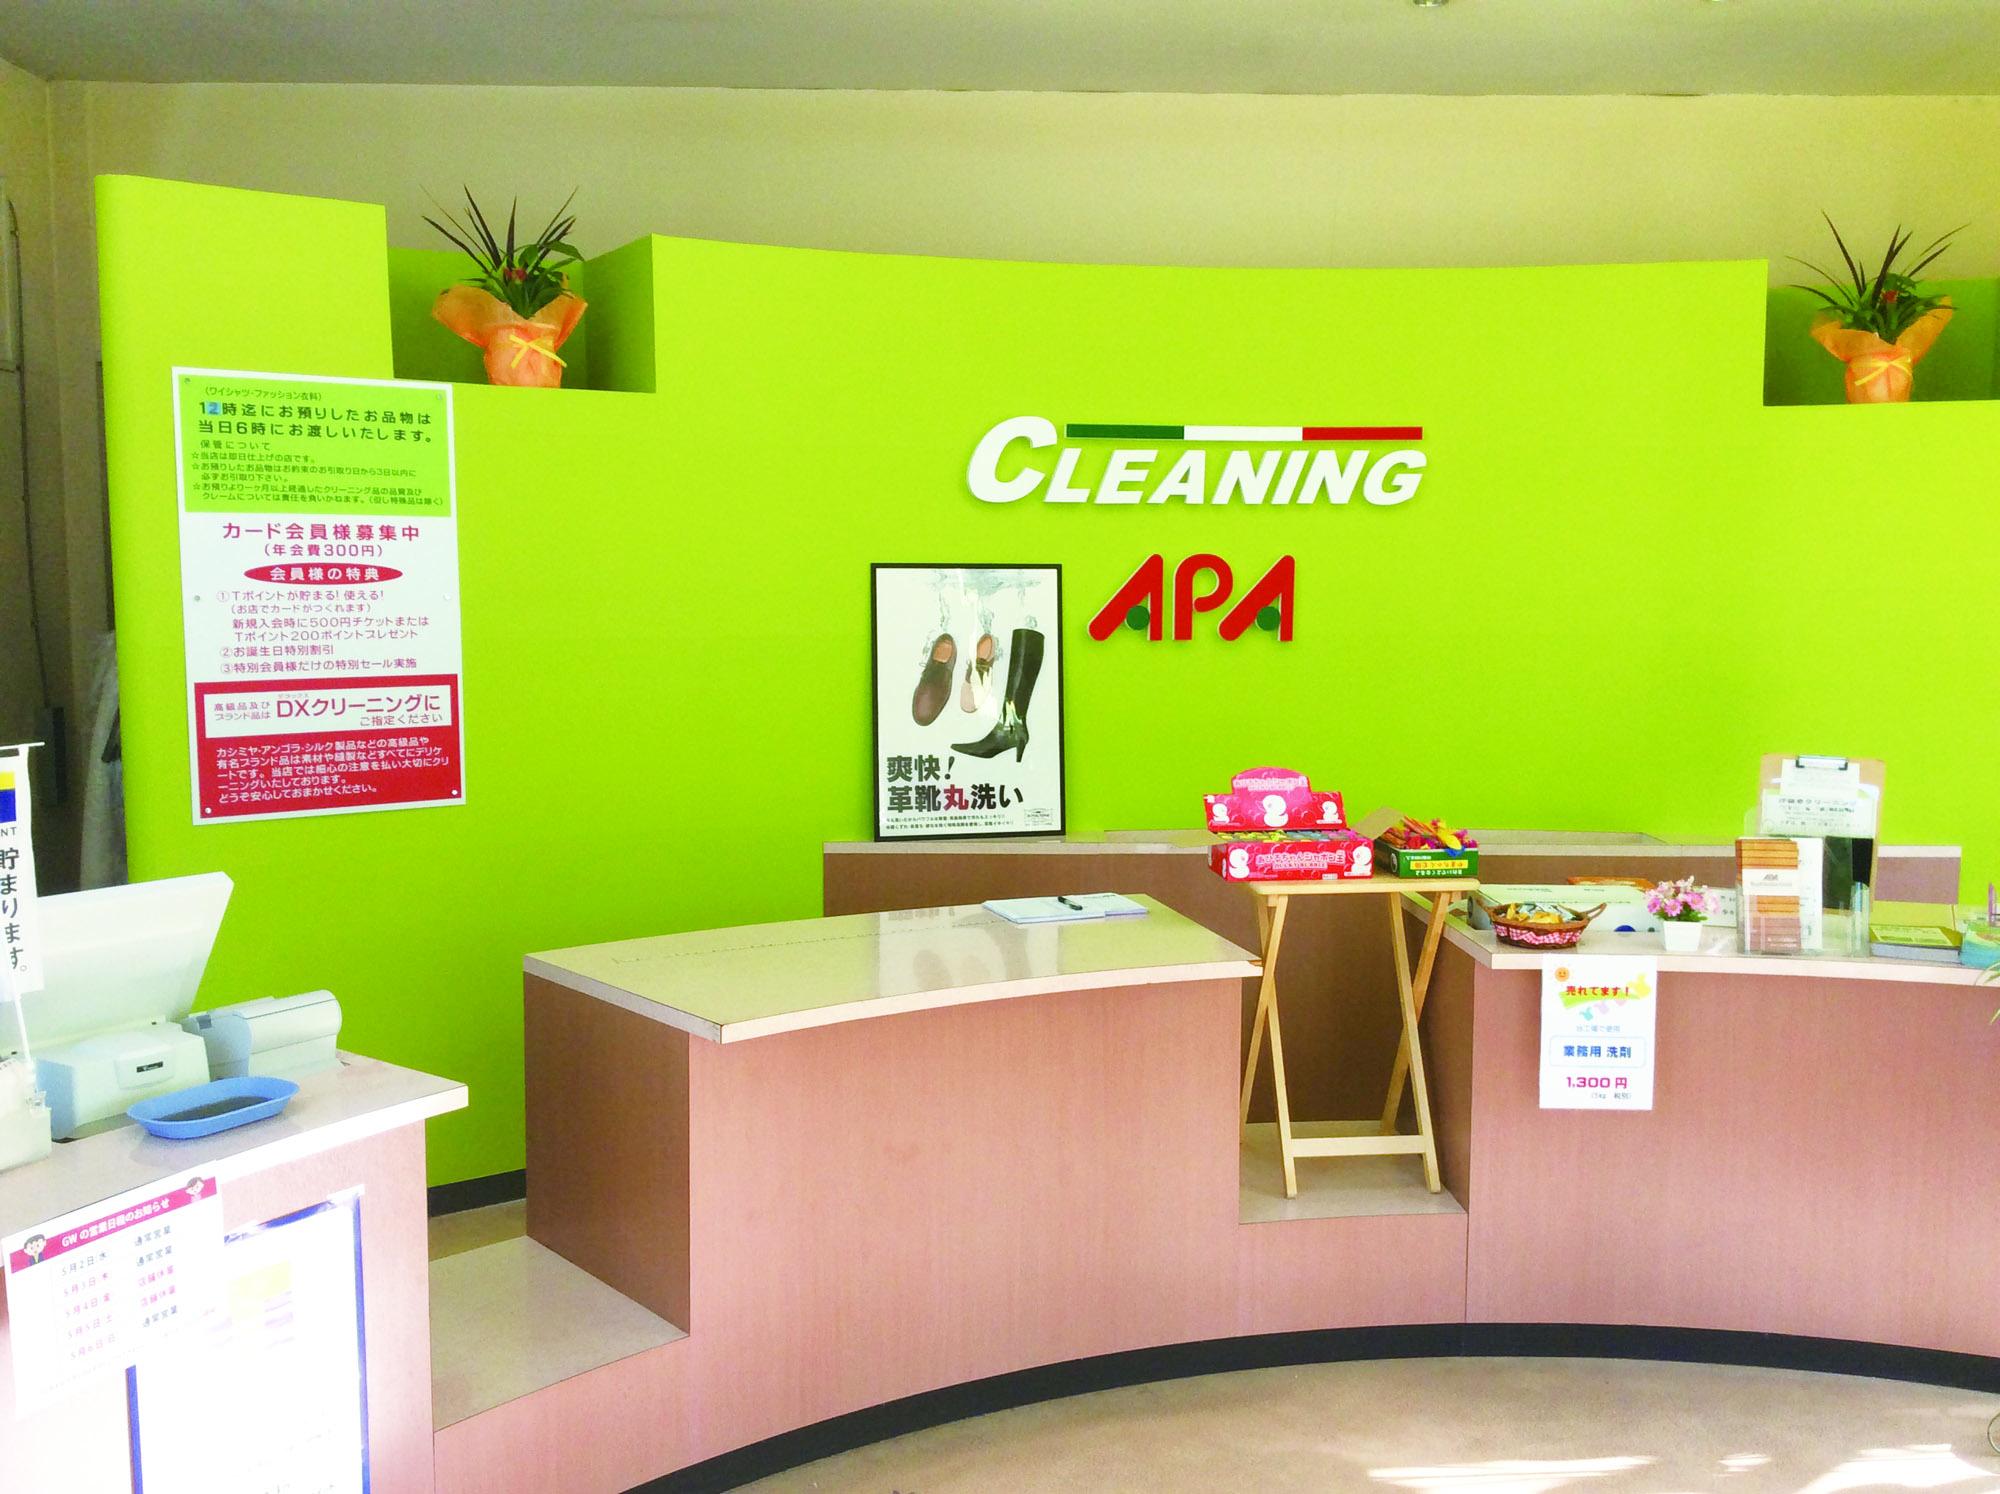 クリーニングアピア 国分店